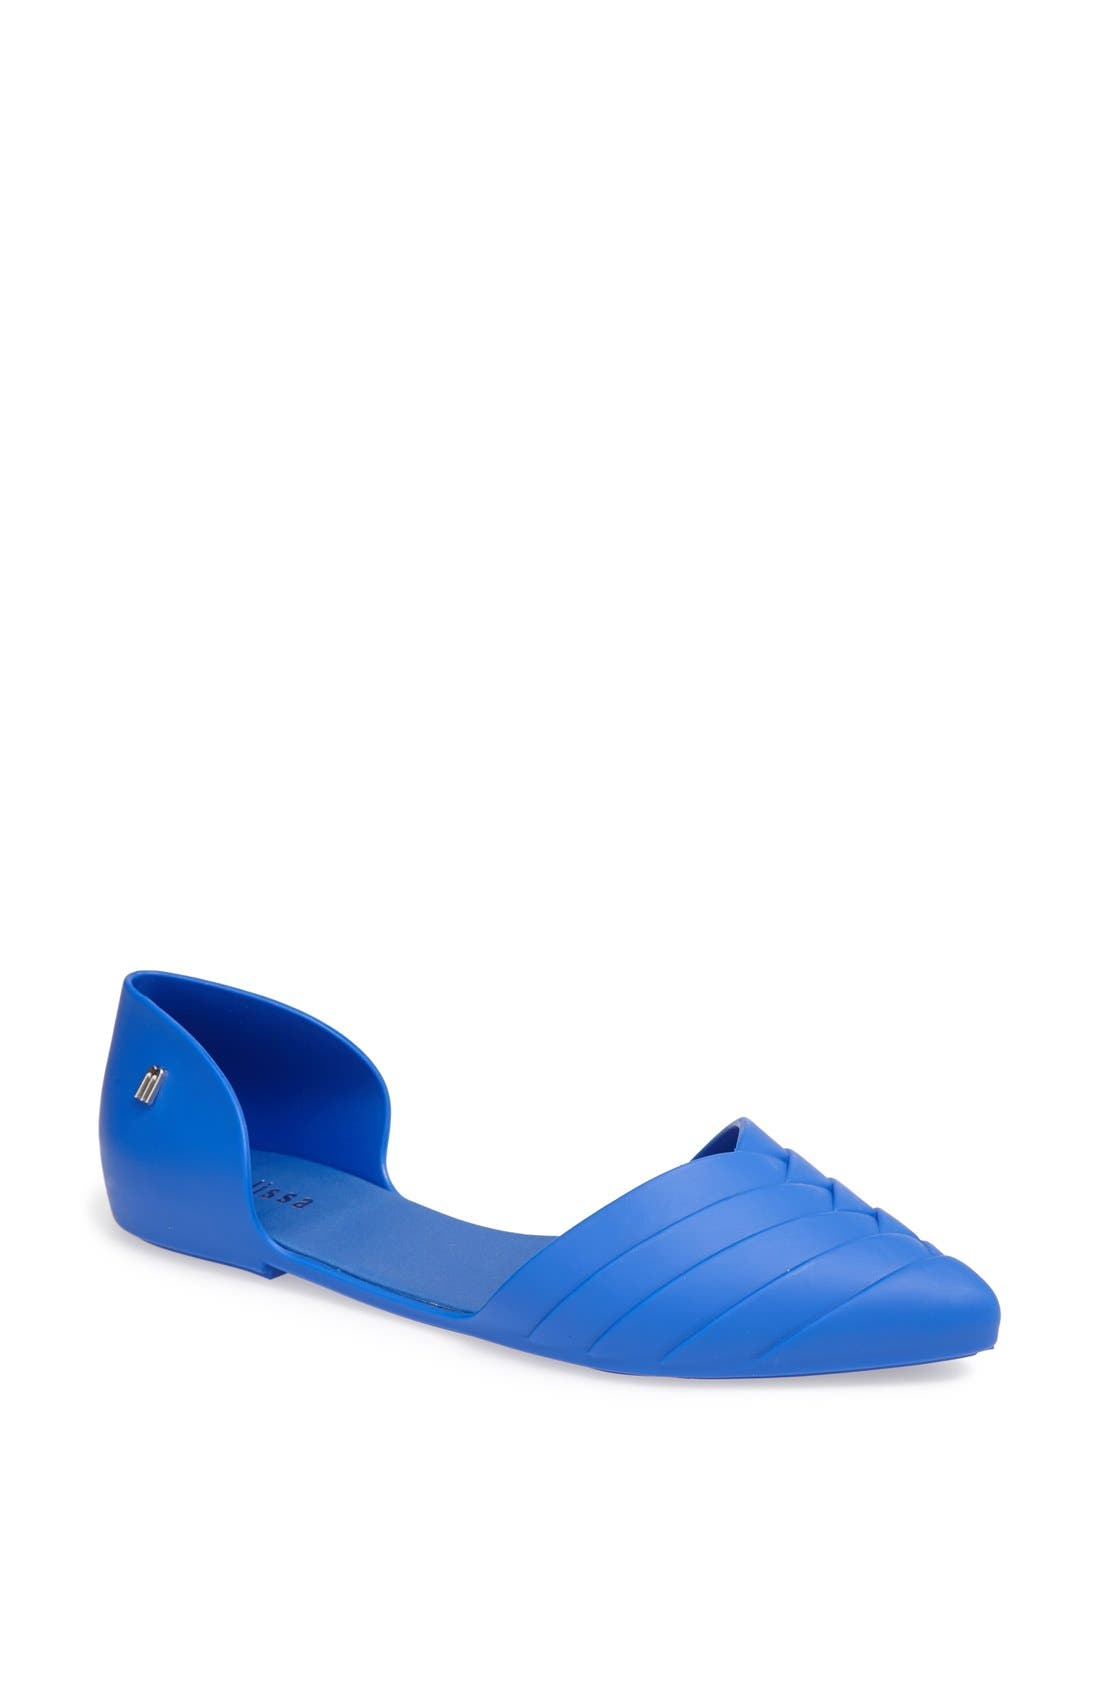 Alternate Image 1 Selected - Melissa 'Petal' Waterproof Pointy Toe Flat